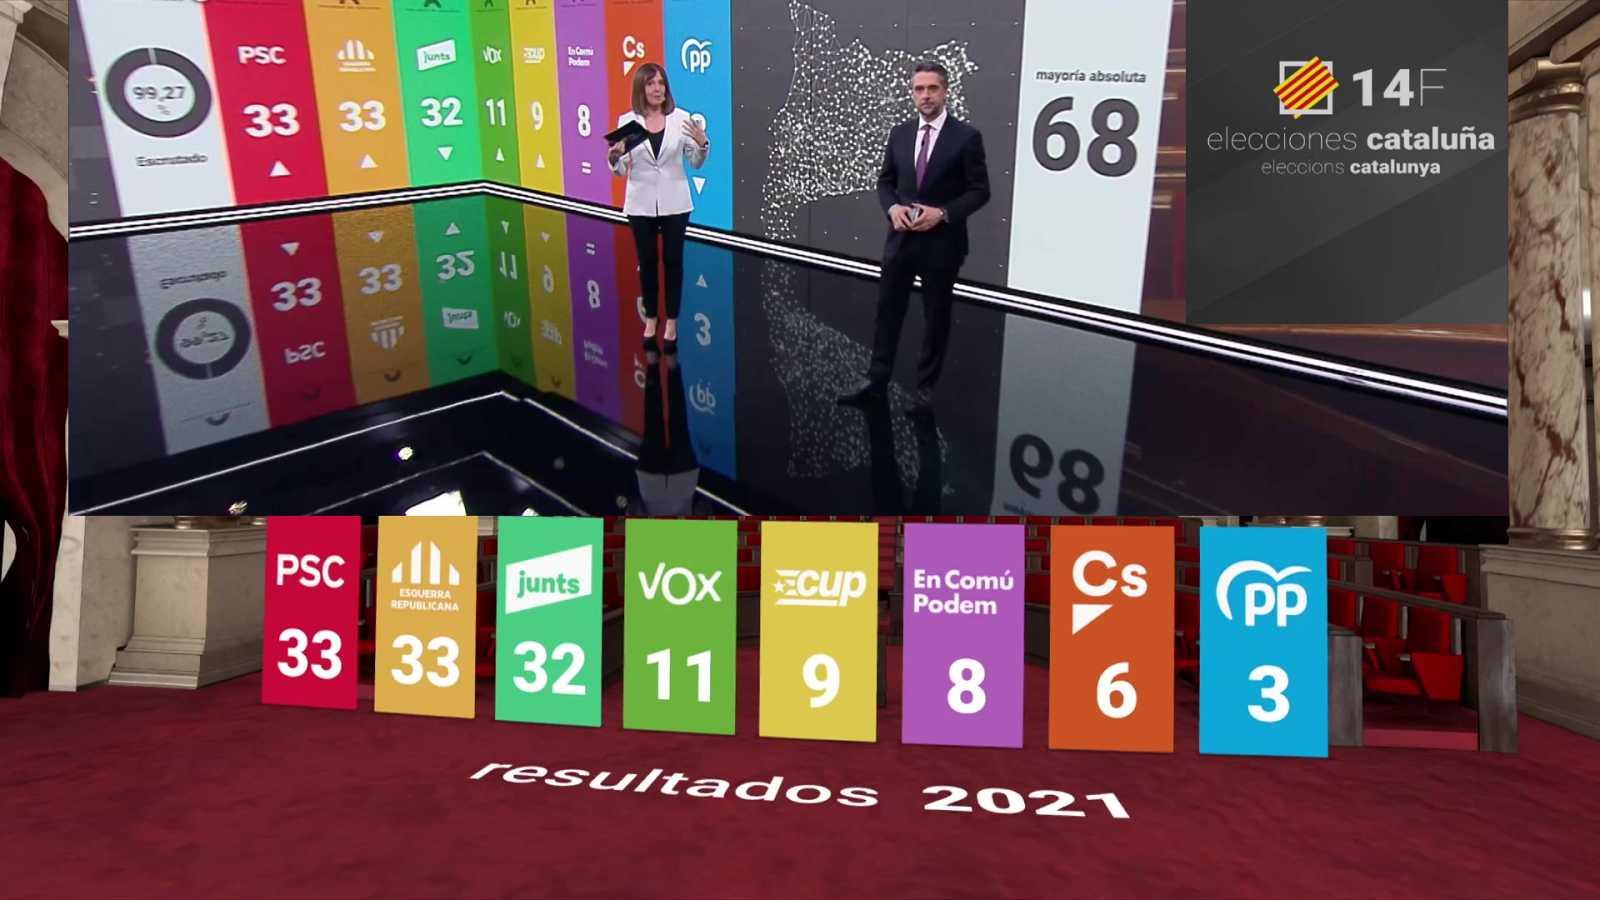 Especial informativo - 14F Cataluña decide - ver ahora